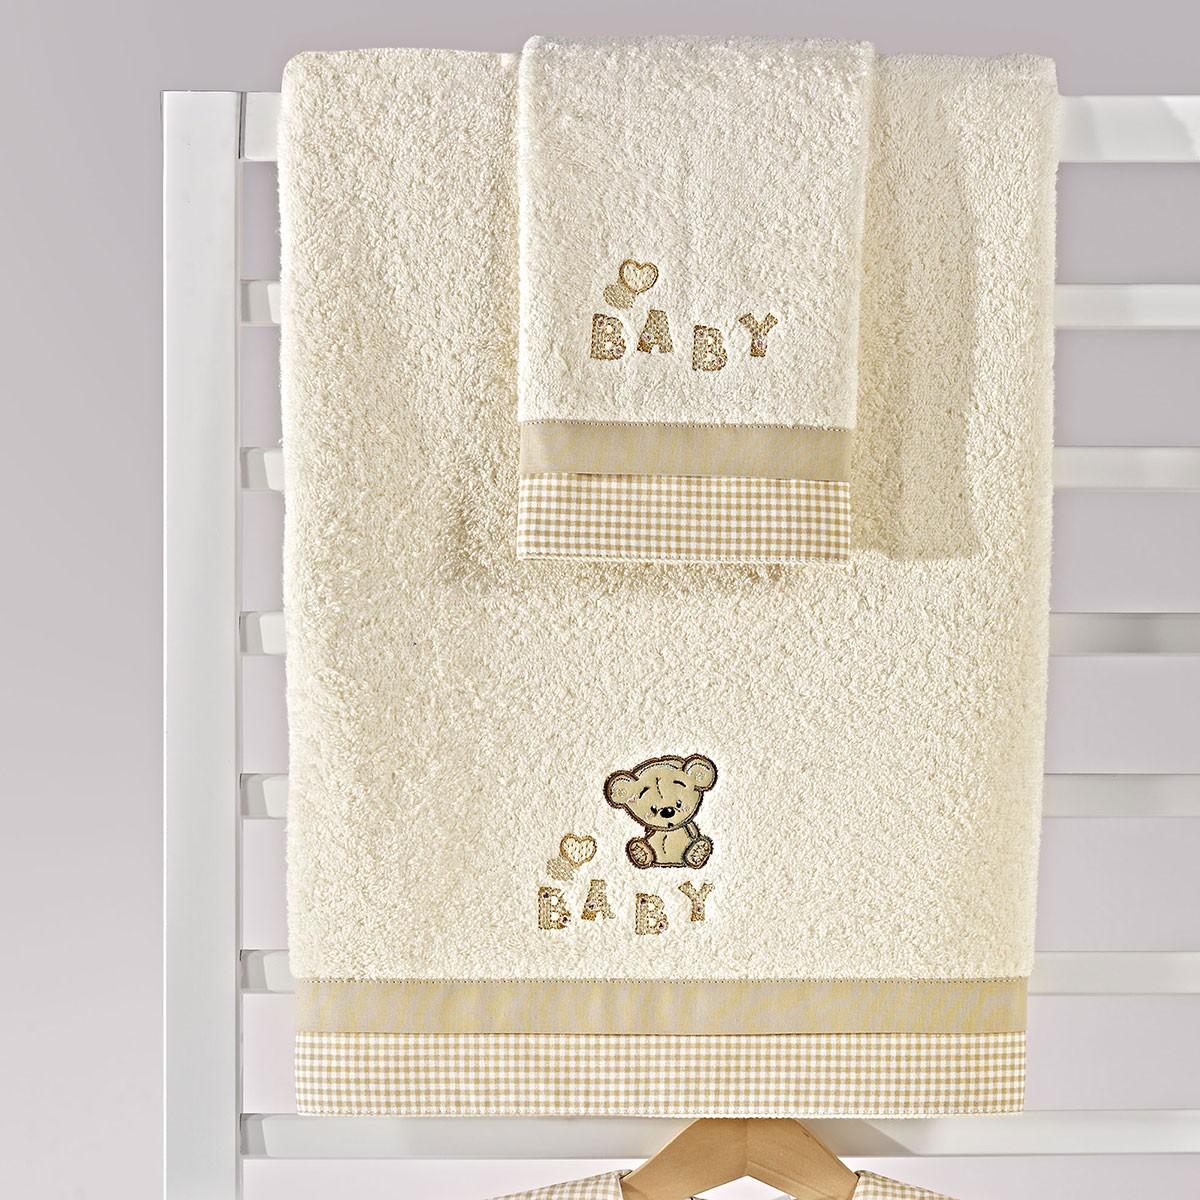 Βρεφικές Πετσέτες (Σετ 2τμχ) Nima Mama-Dada Baby Teddy